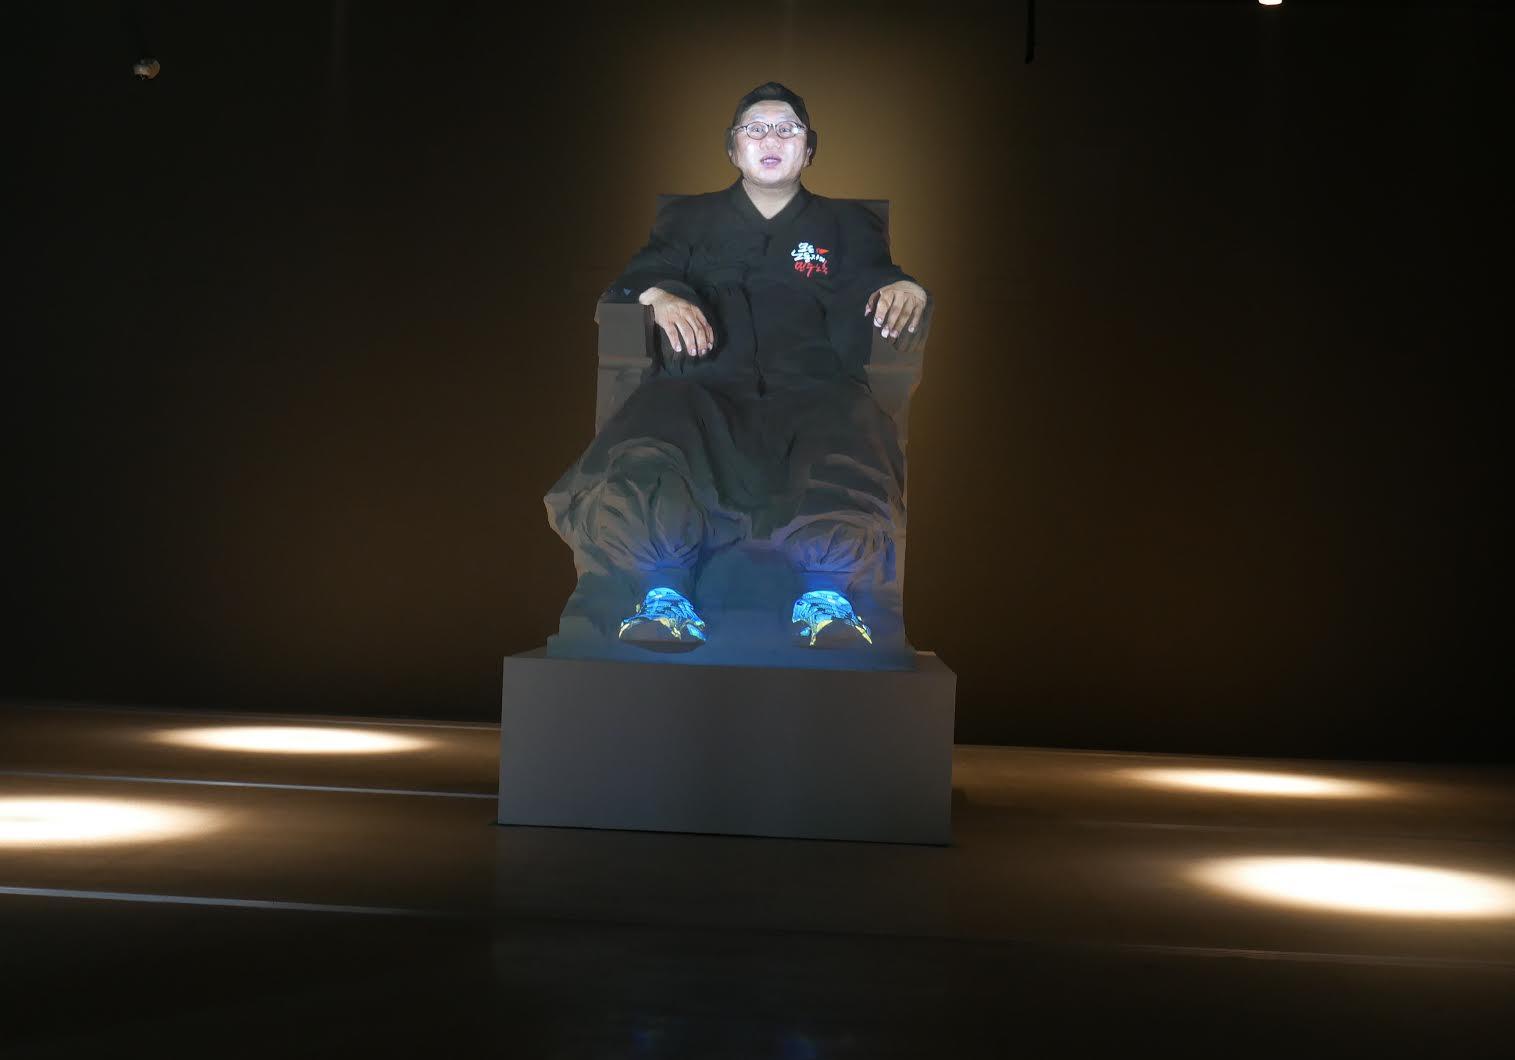 """Krzysztof Wodiczko, """"My Wish"""", 2017, projekcja na kopię pomnika Kim Koo, widok wystawy """"Instruments, Monuments, Projections"""", National Museum of Modern and Contemporary Art, Seul, 2017, fot. Fundacja Profile (źródło: materiały prasowe)"""